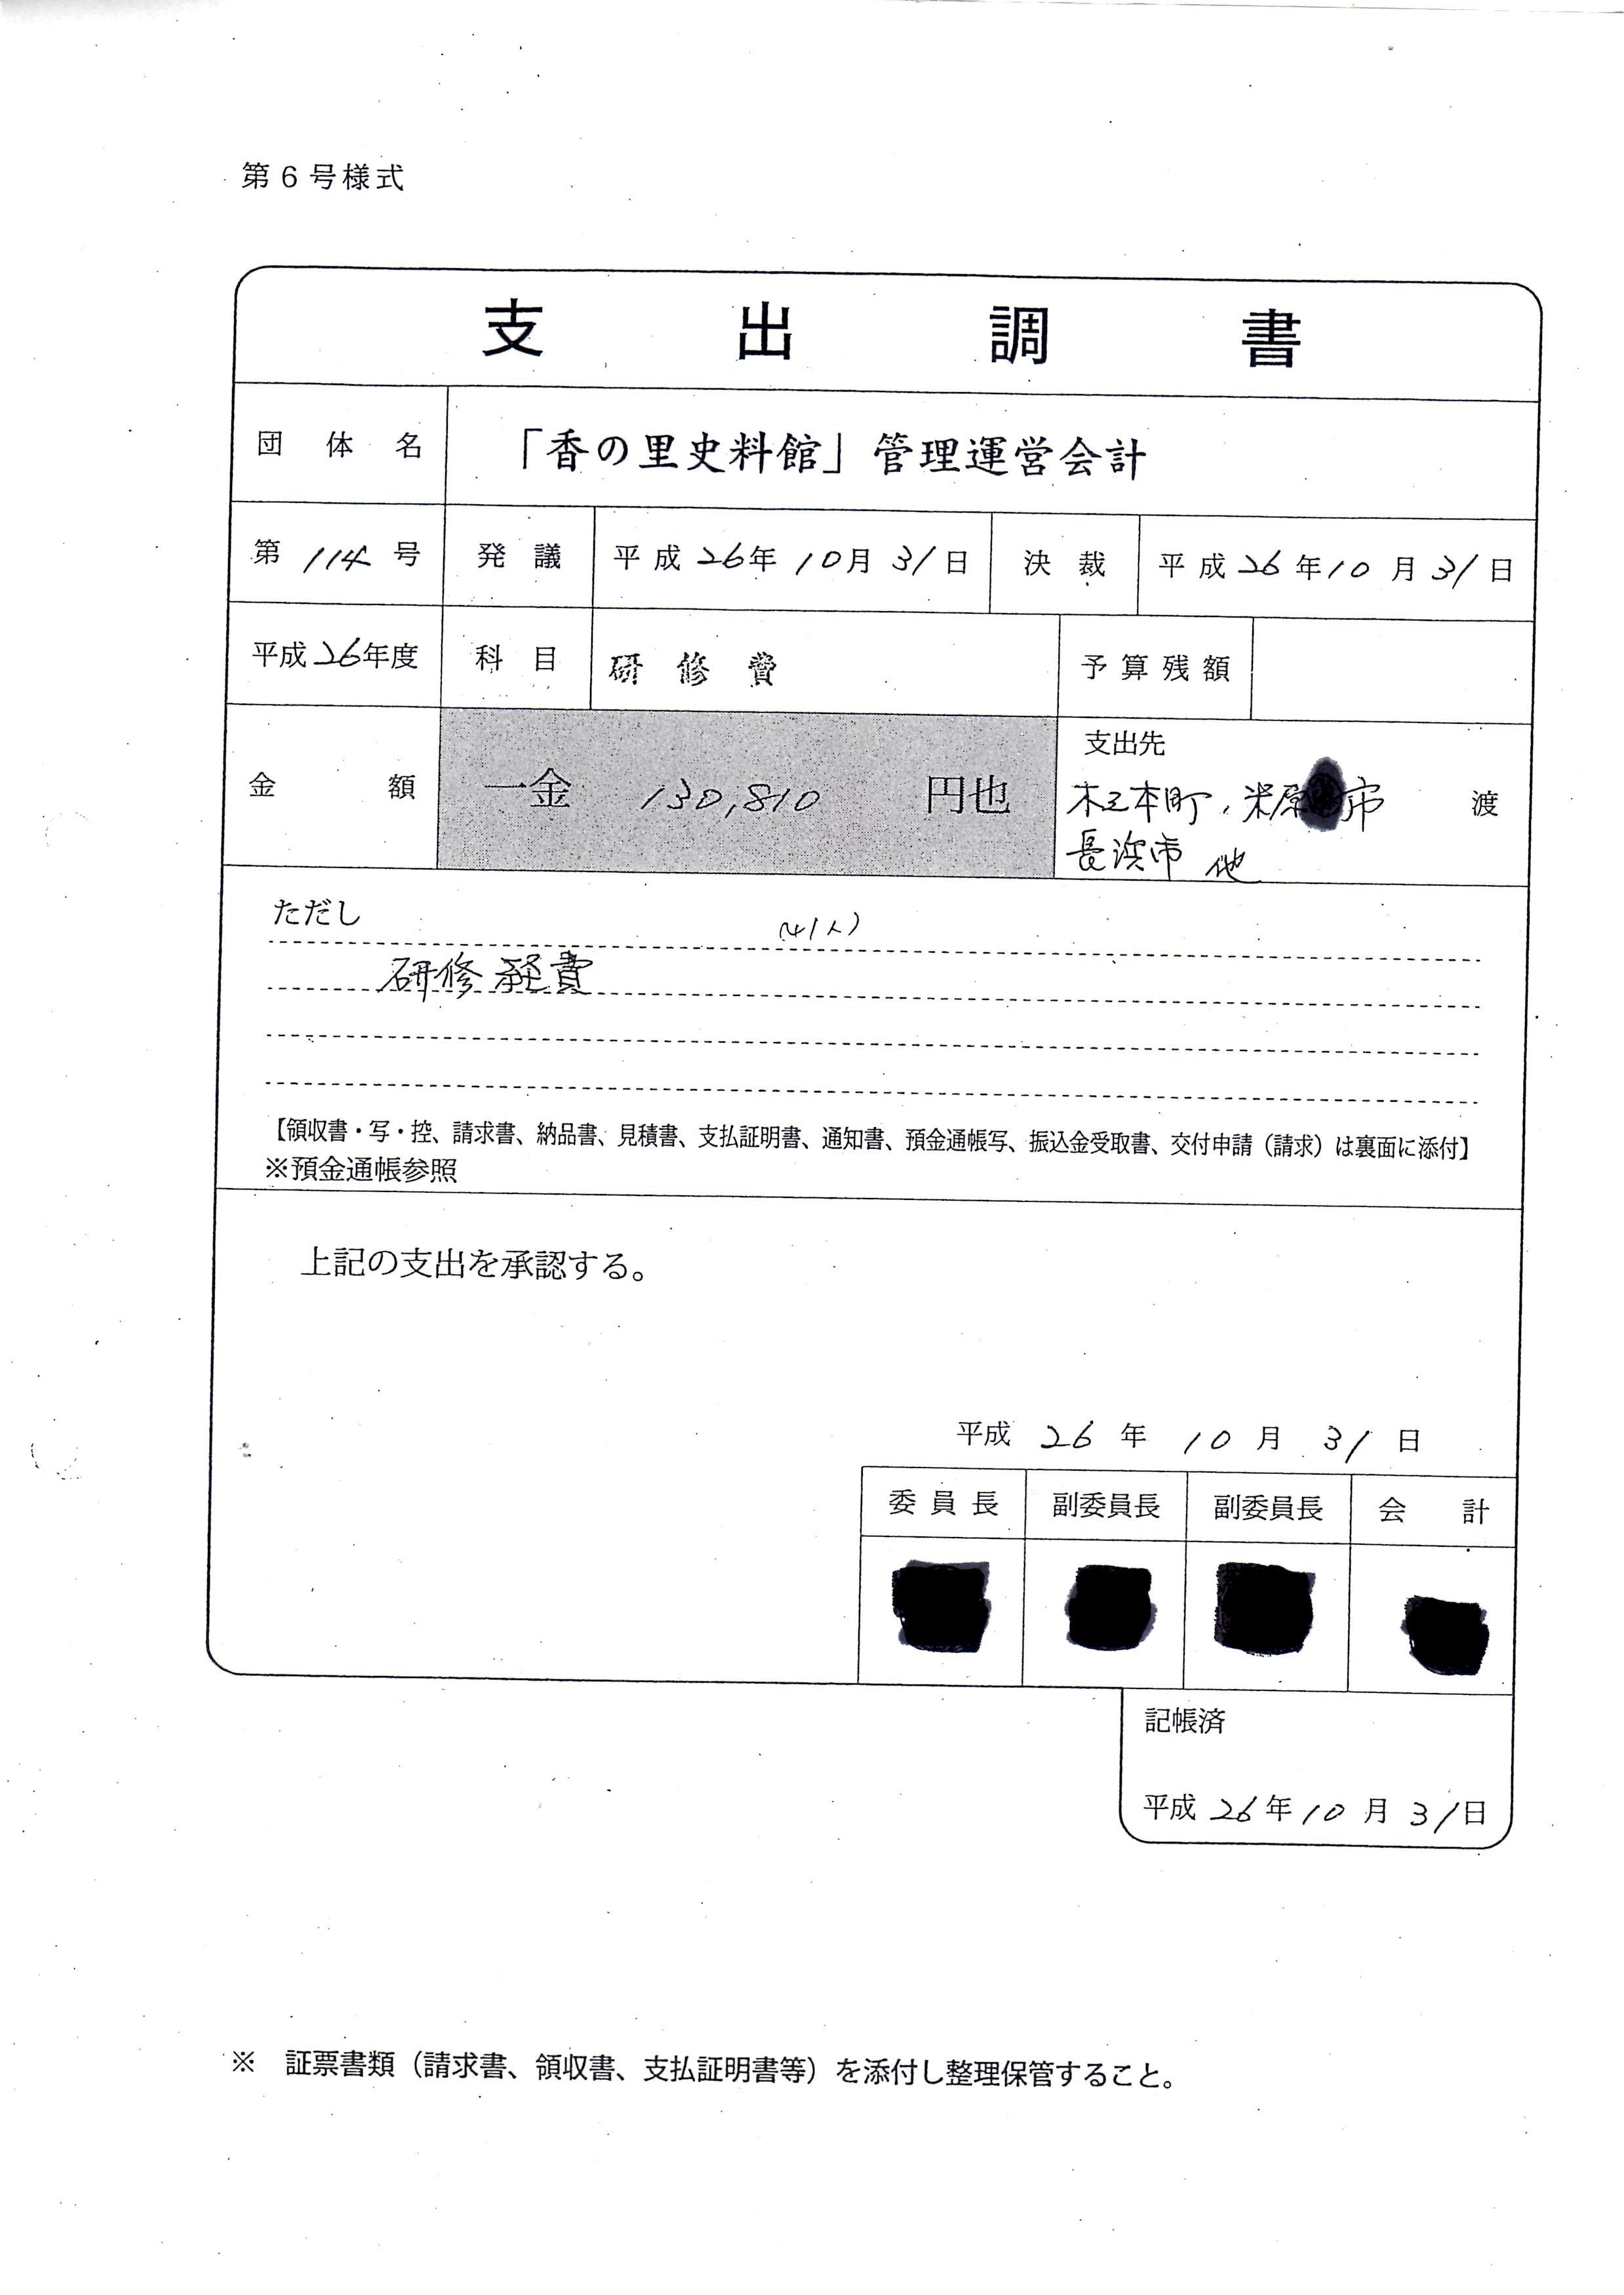 香の里史料館/支出調書(研修費)